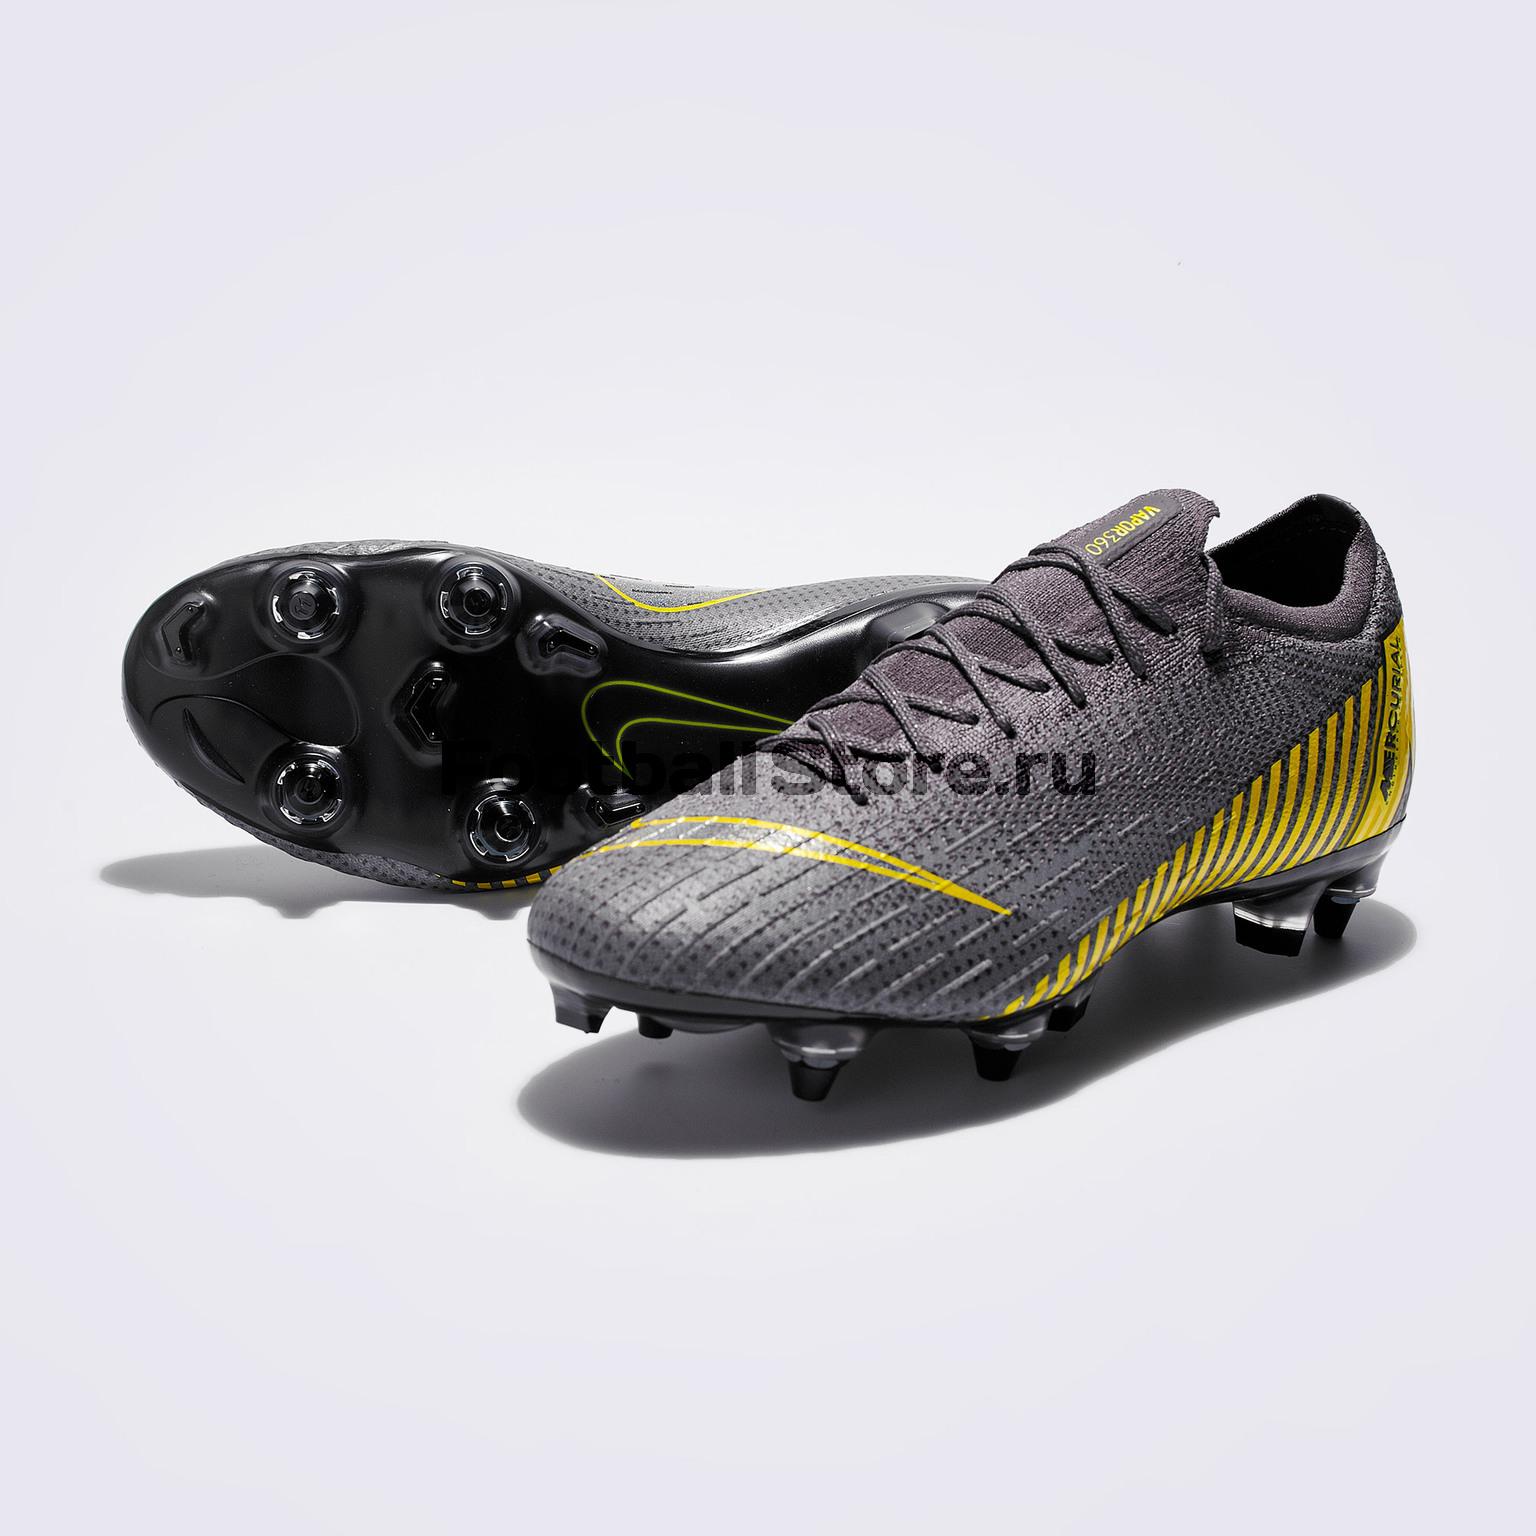 9d573b63 Бутсы Nike Vapor 12 Elite SG-Pro AC AH7381-070 – купить бутсы в ...